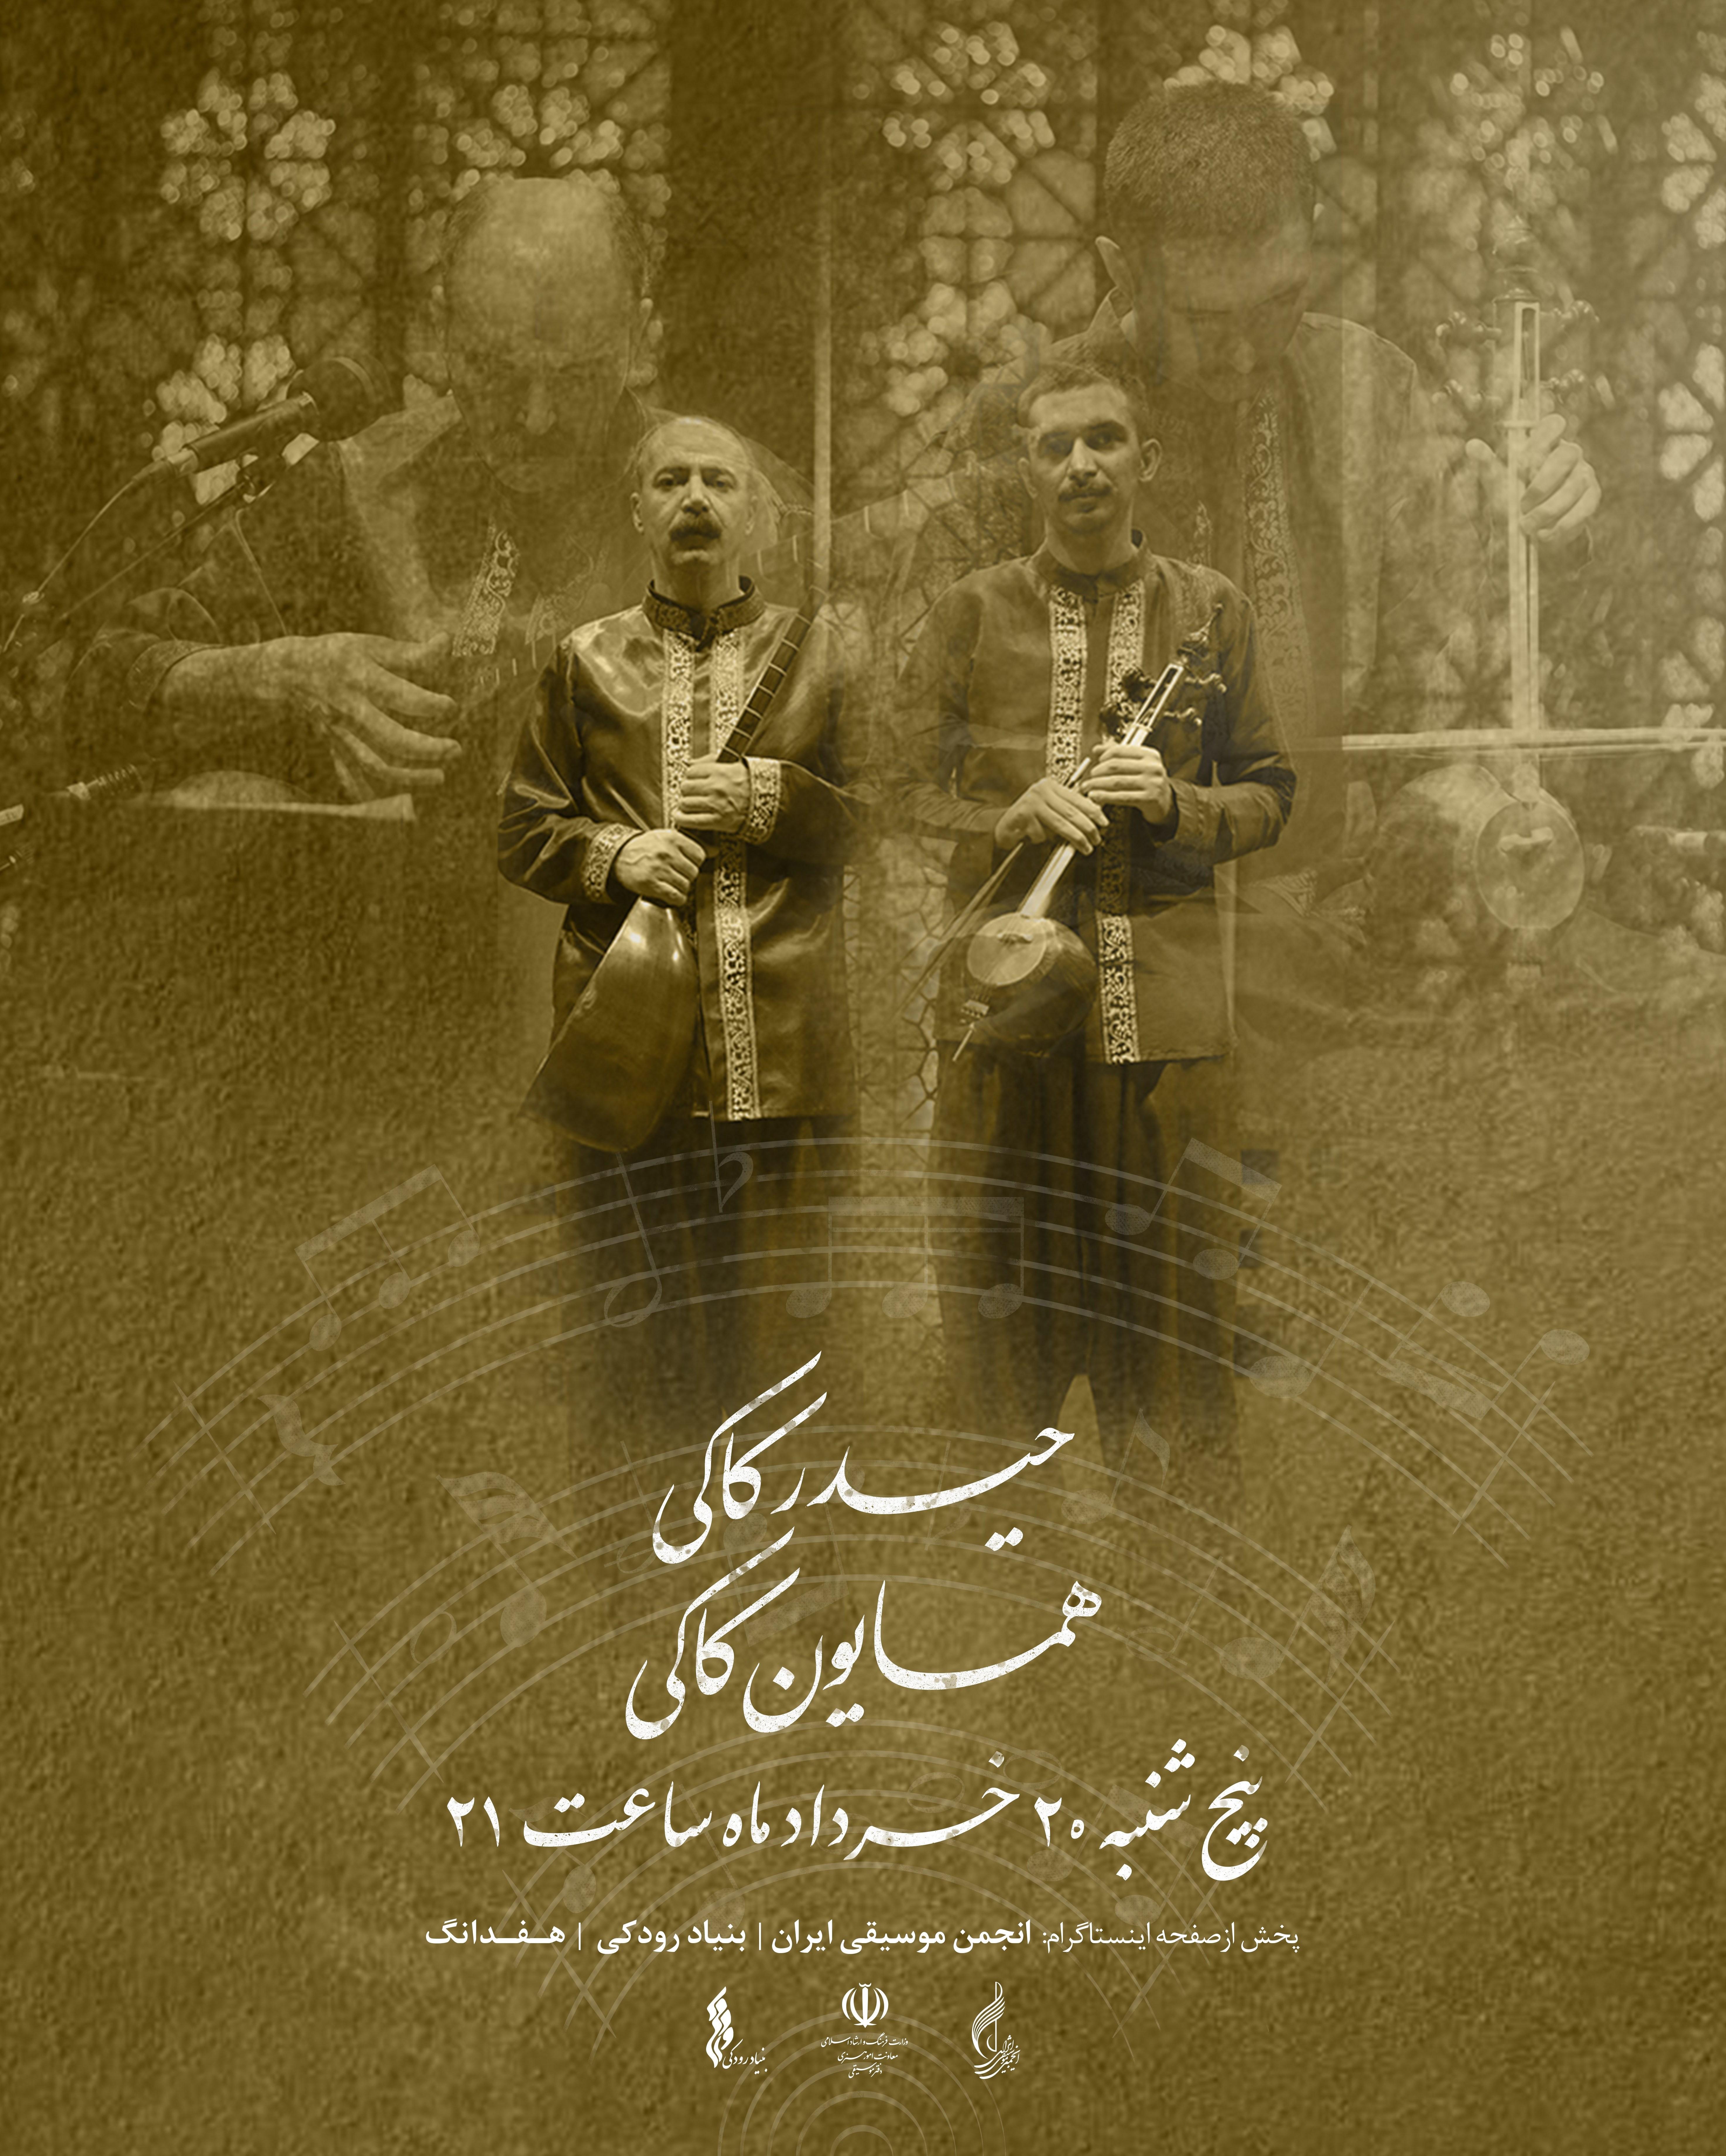 معاونت هنری وزارت فرهنگ و ارشاد اسلامی ,